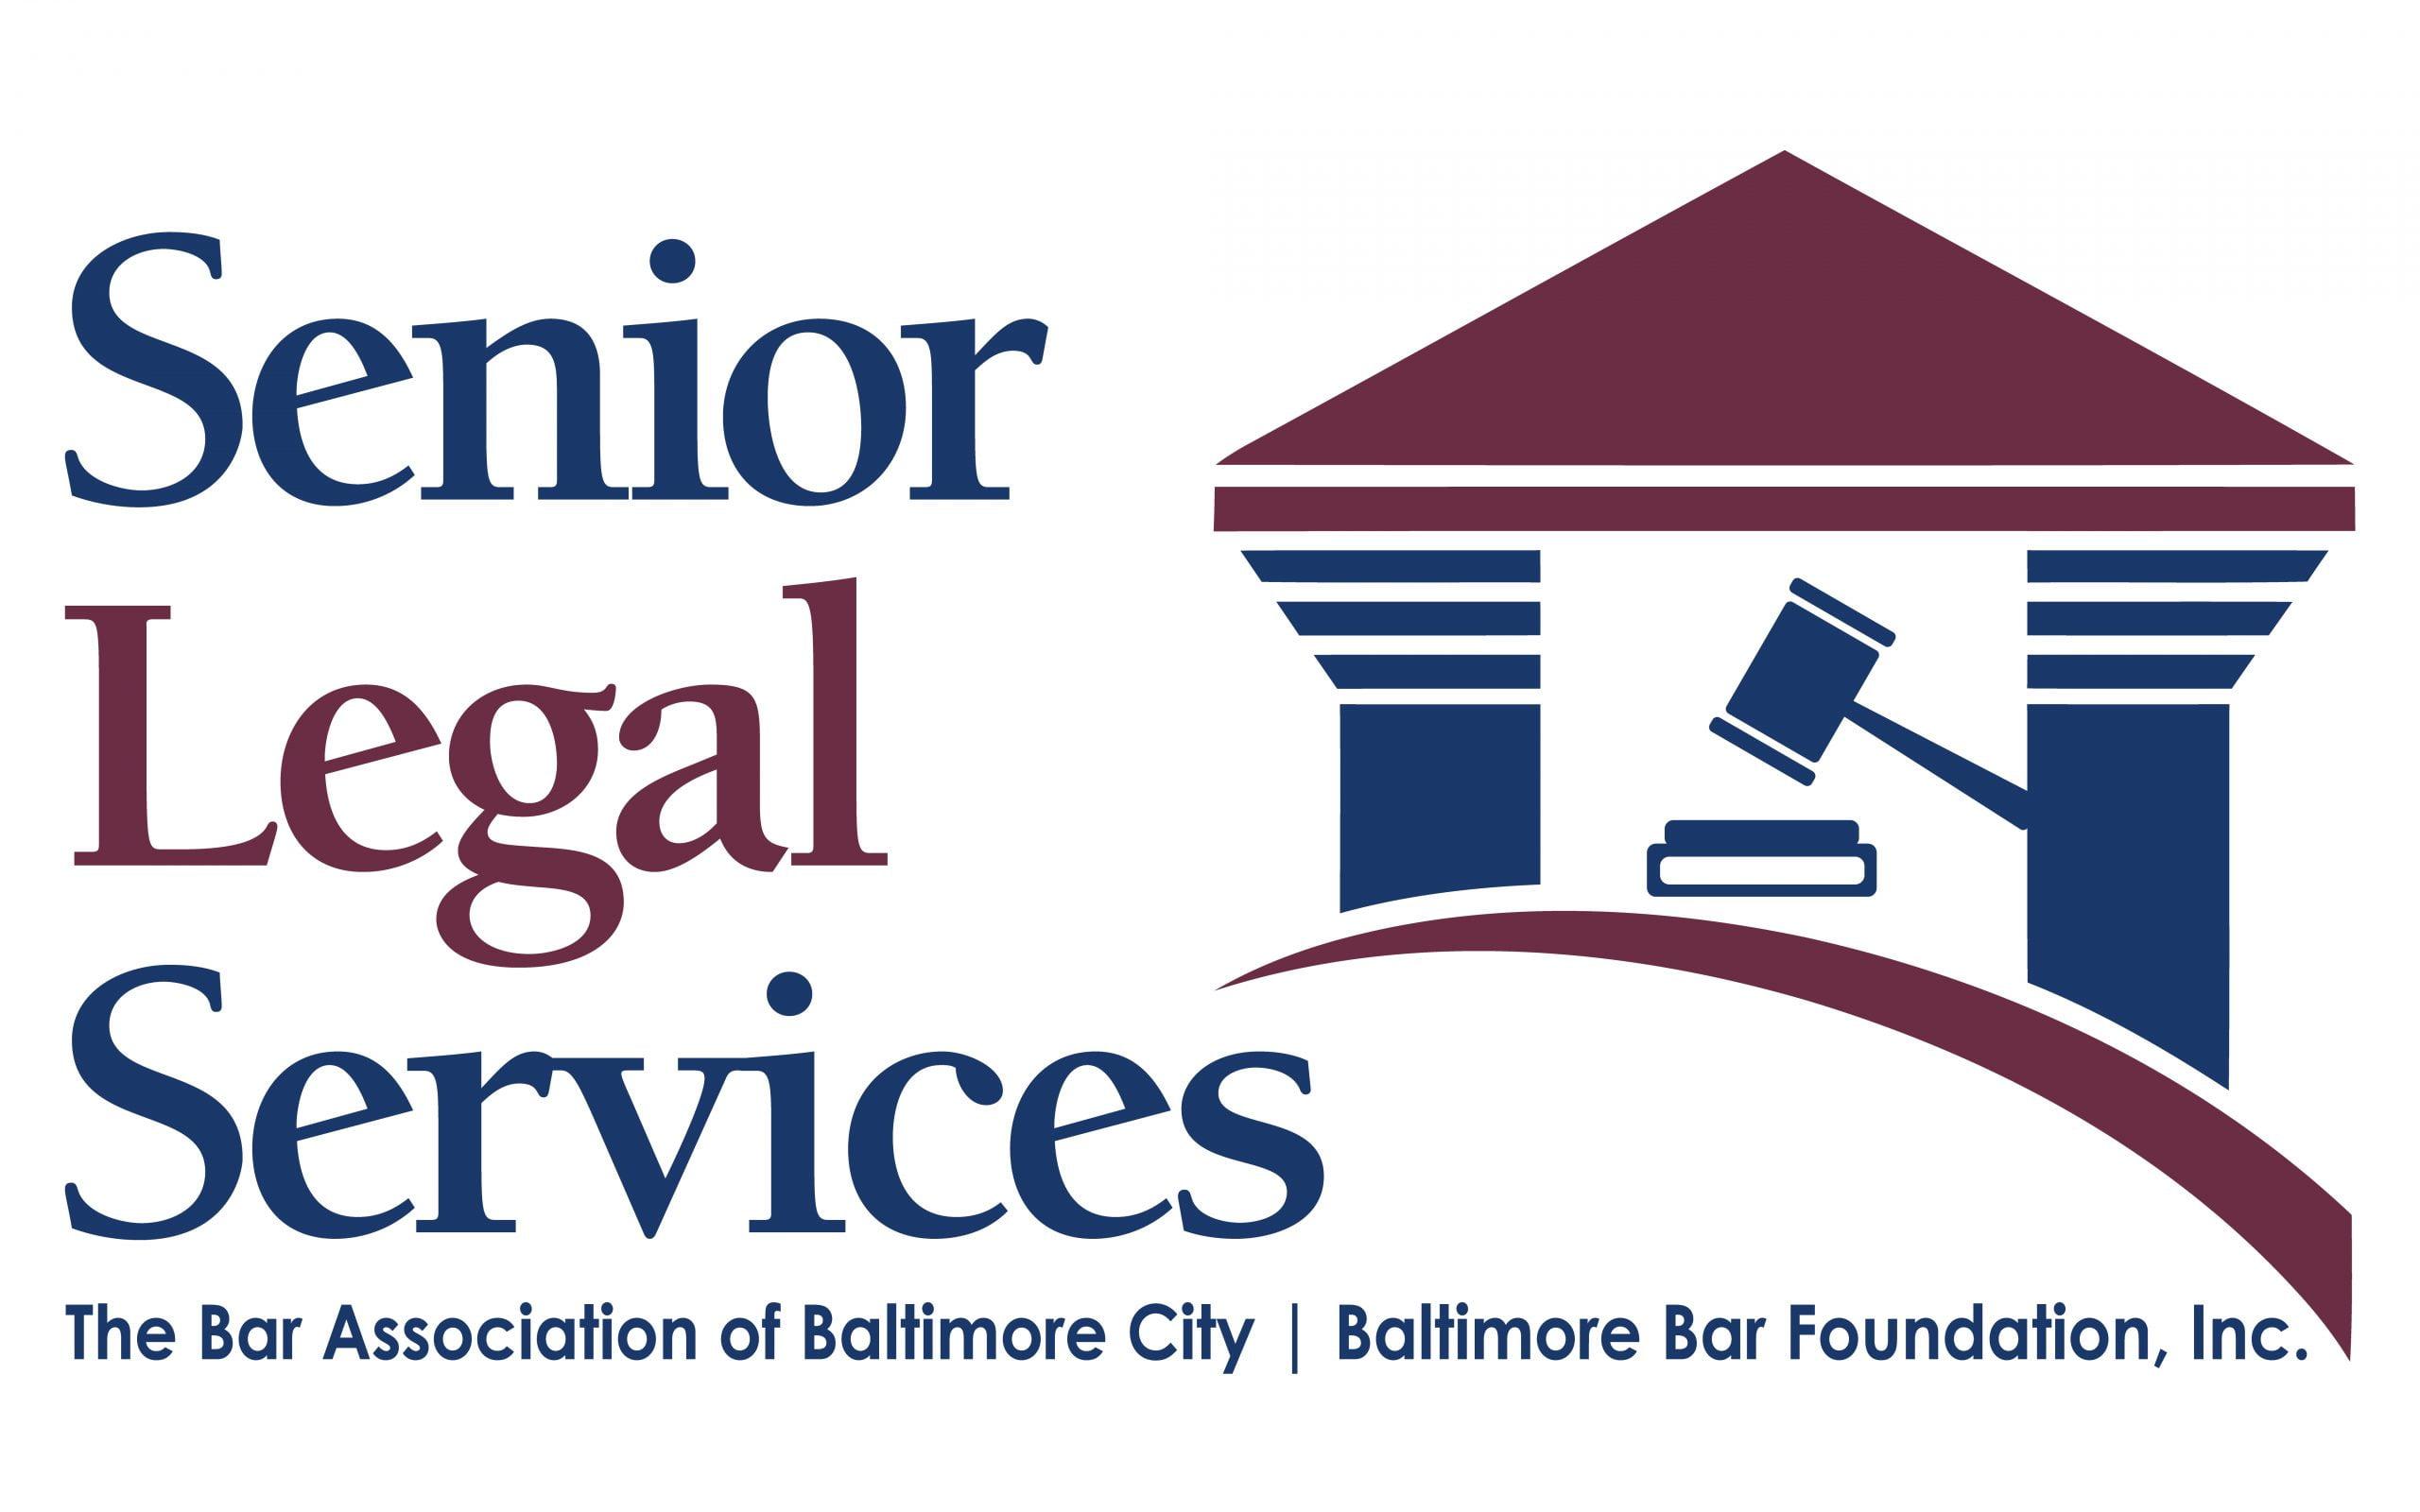 Senior Legal Services